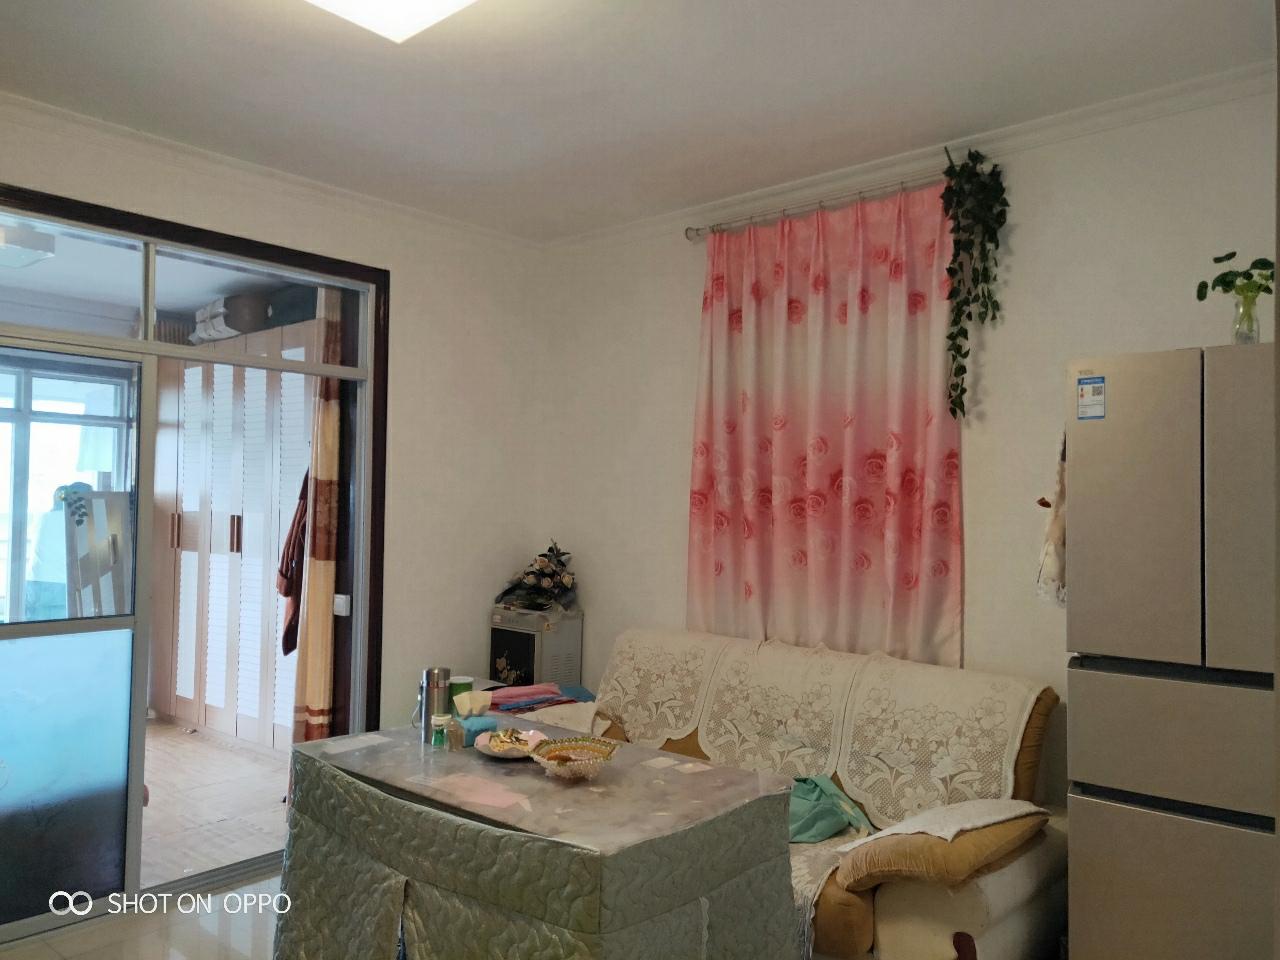 开元盛世2室1厅装修崭新,带家具家电价格美丽!!